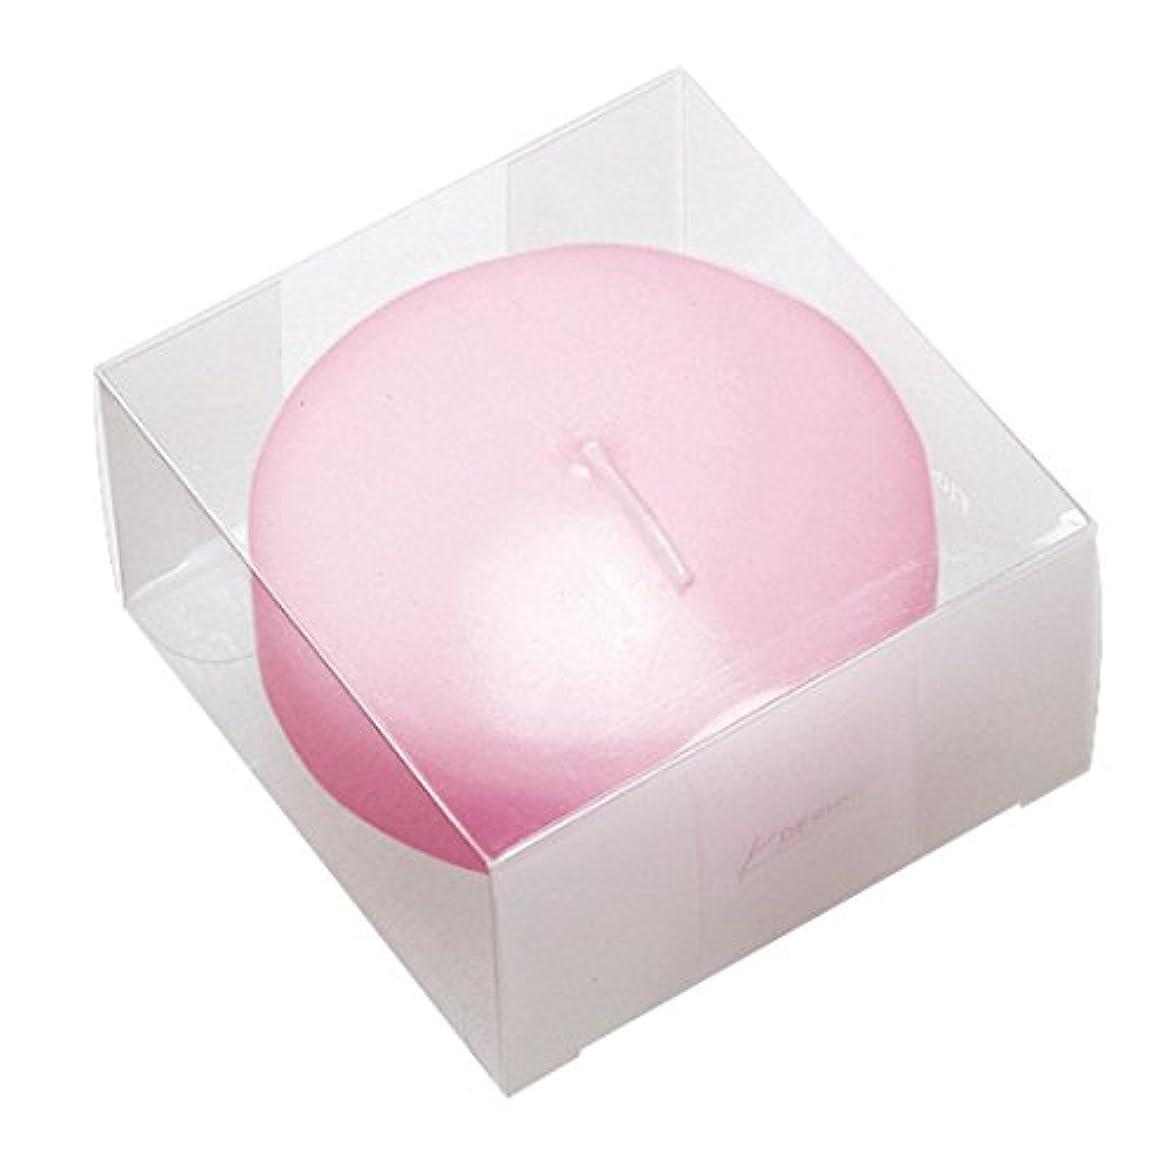 手荷物失礼永遠のプール80(箱入り) 「 ピンク 」